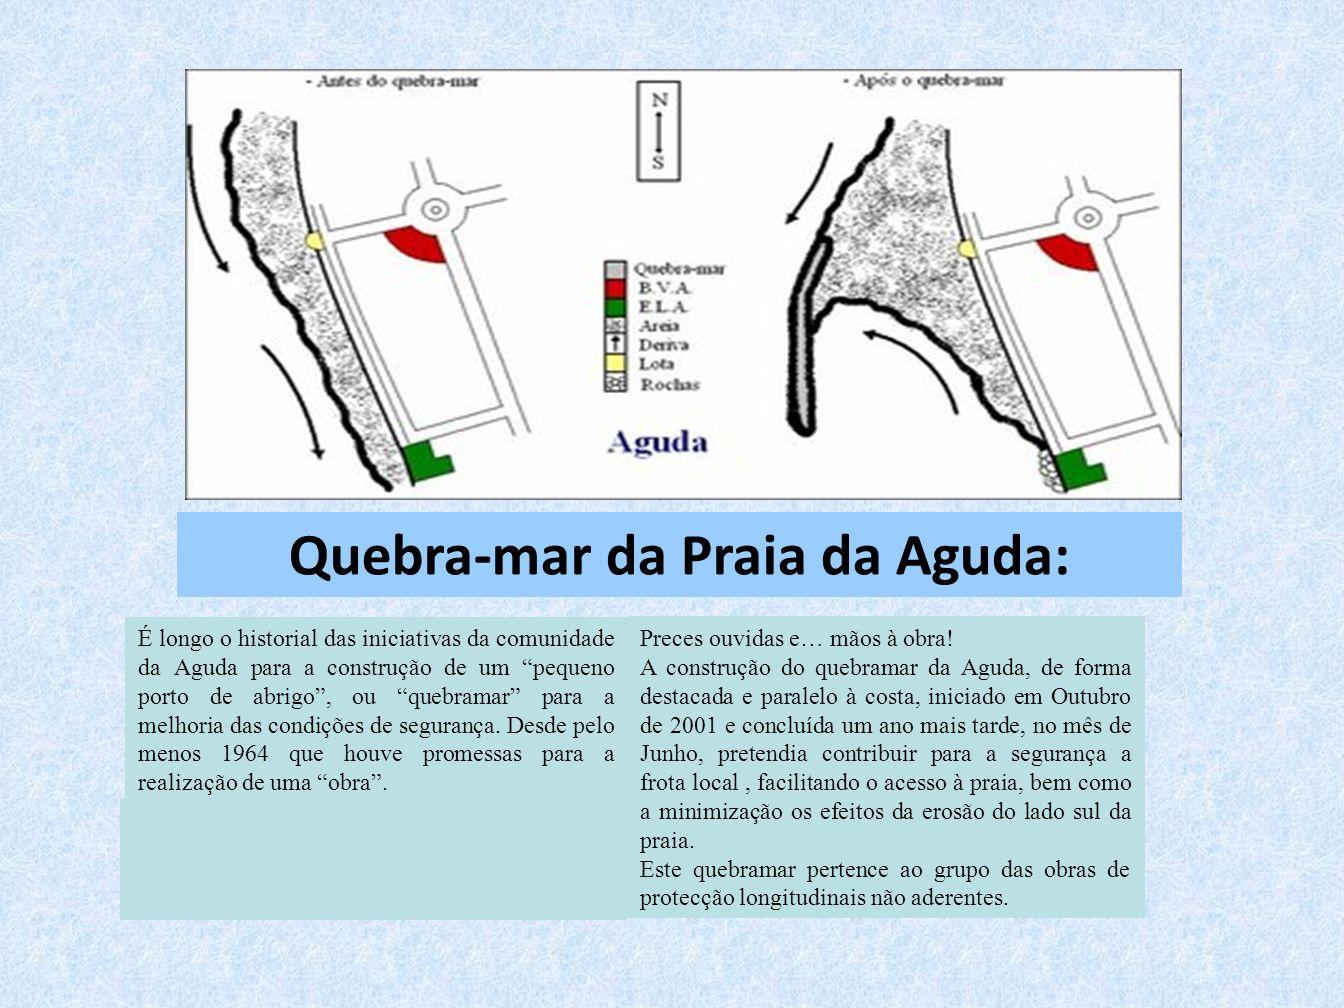 Quebra-mar da Praia da Aguda: É longo o historial das iniciativas da comunidade da Aguda para a construção de um pequeno porto de abrigo, ou quebramar